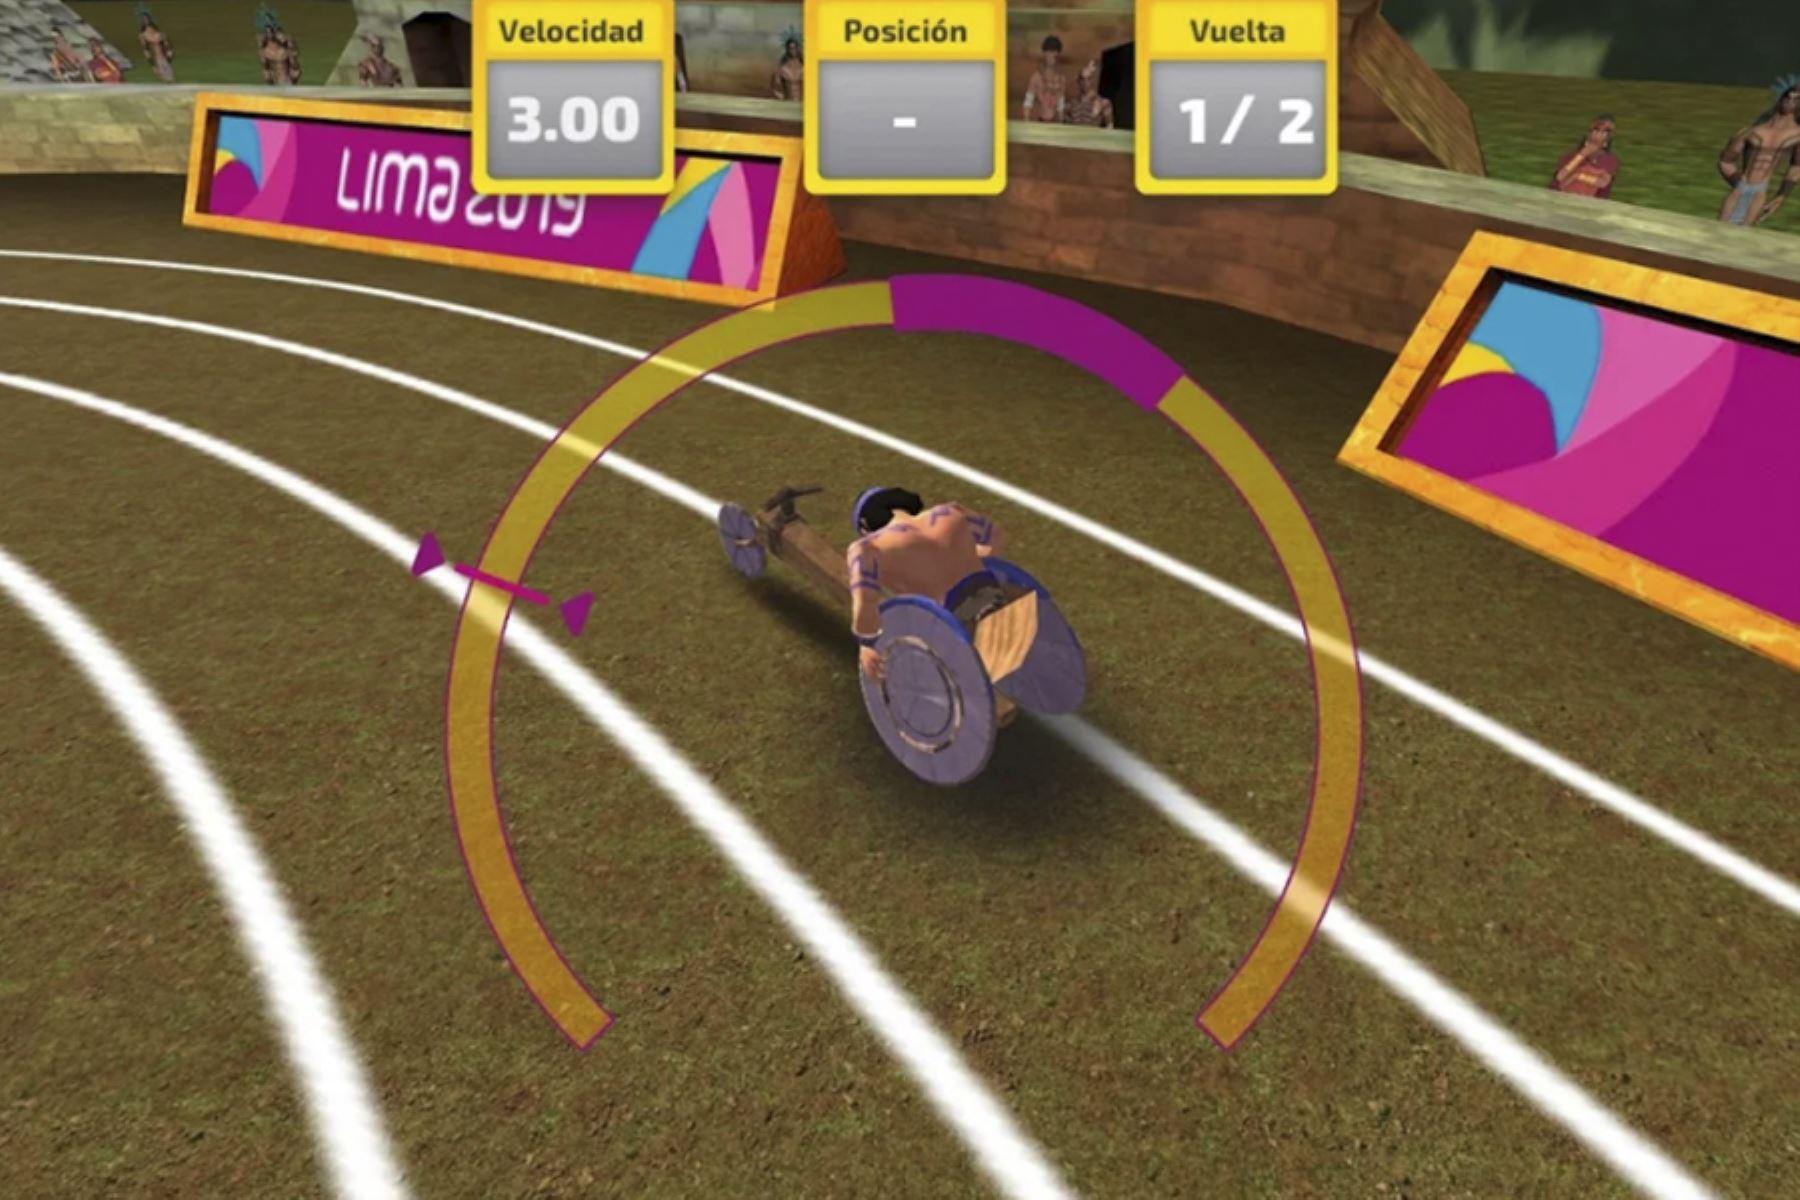 """La aplicación """"Lima 2019 Play"""" permite jugar seis deportes y para deportes desde un smartphone o tableta."""